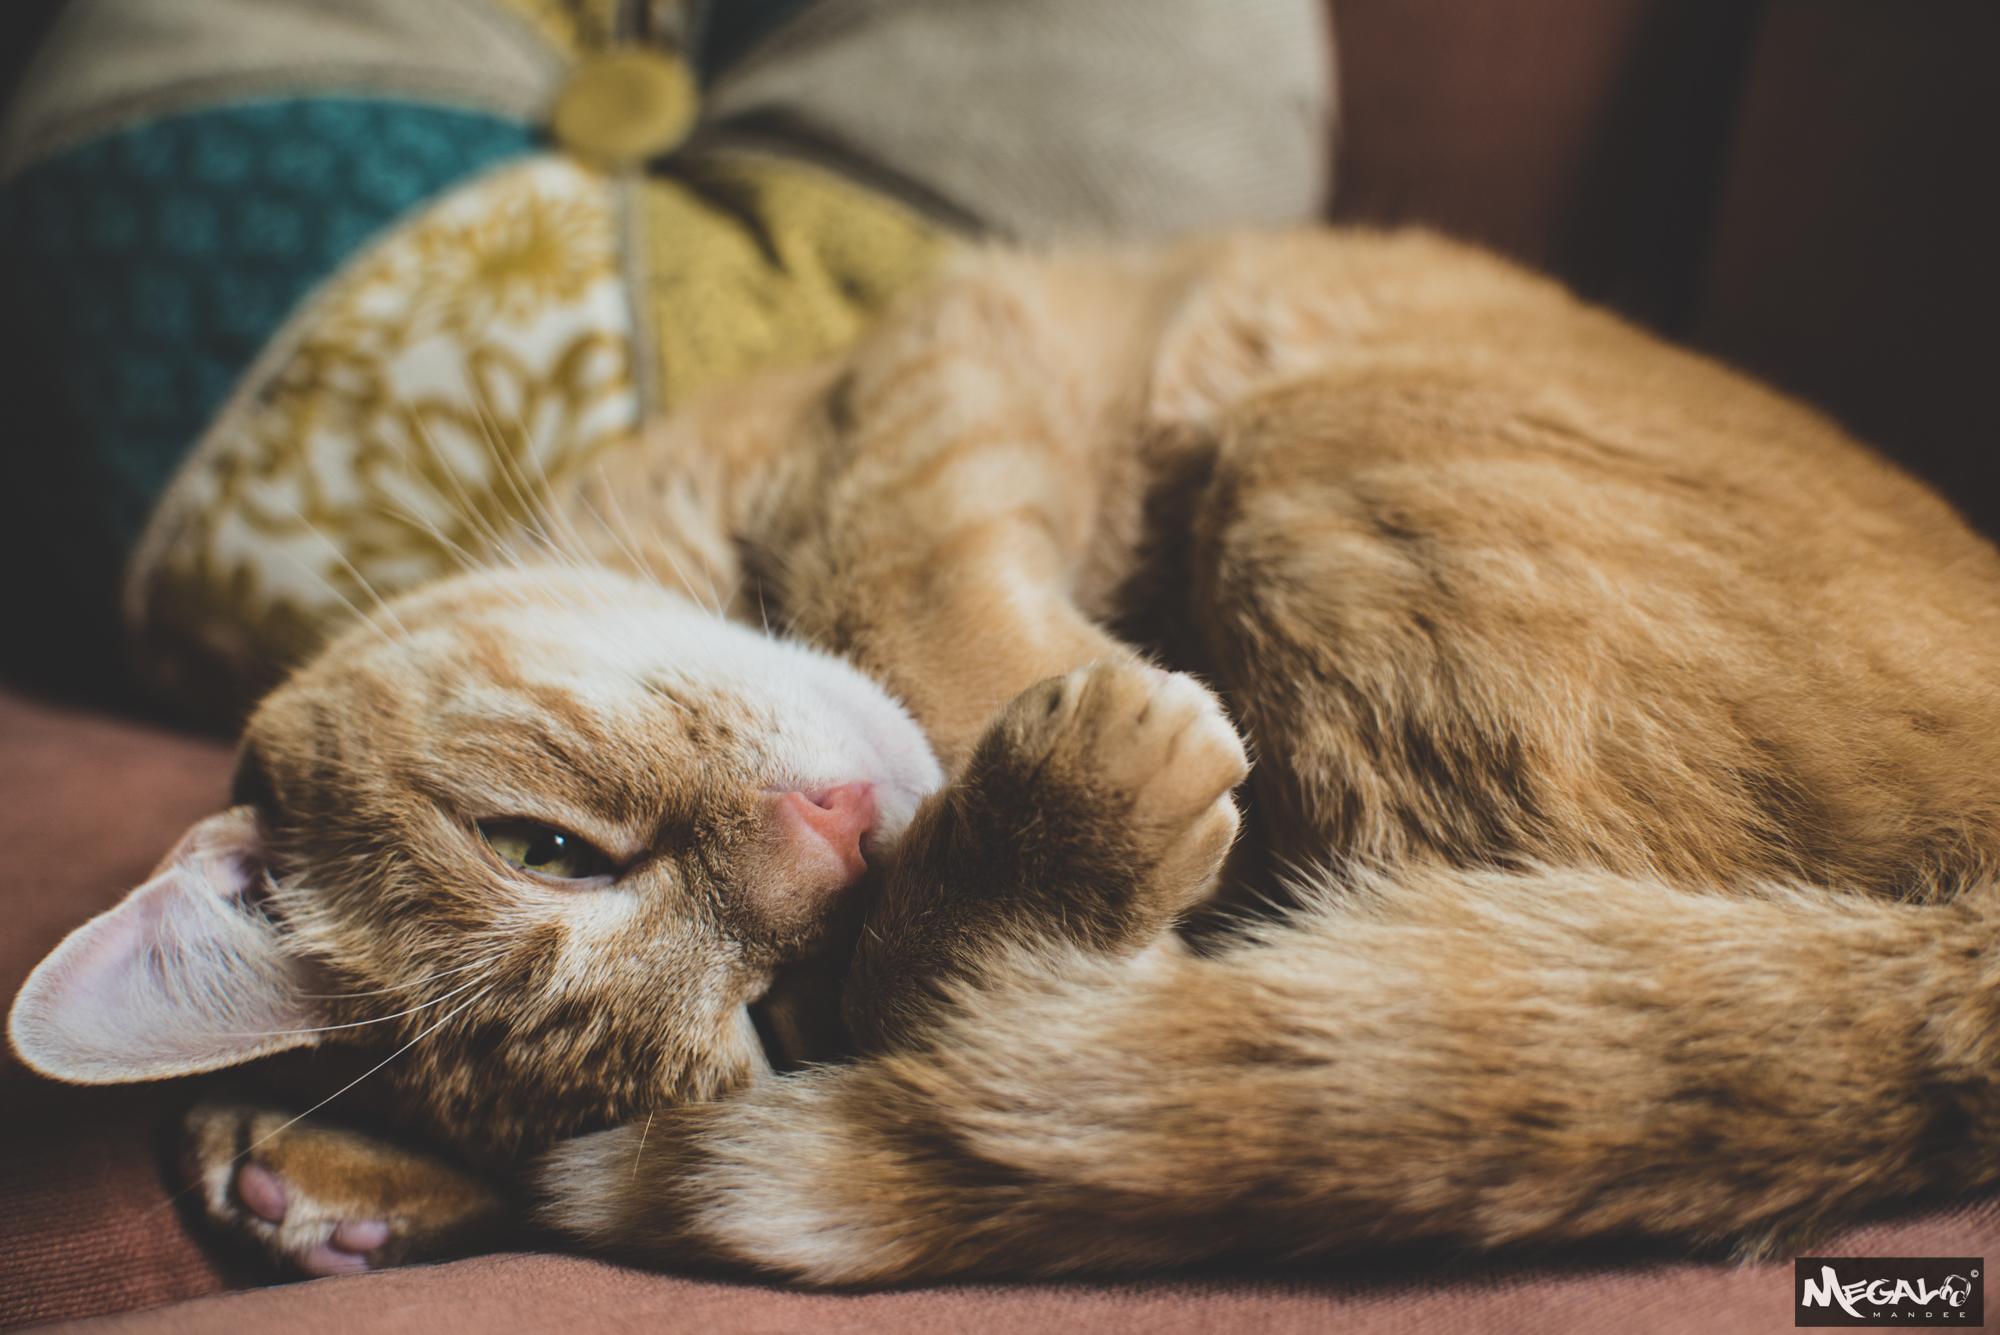 Cats-7399.jpg